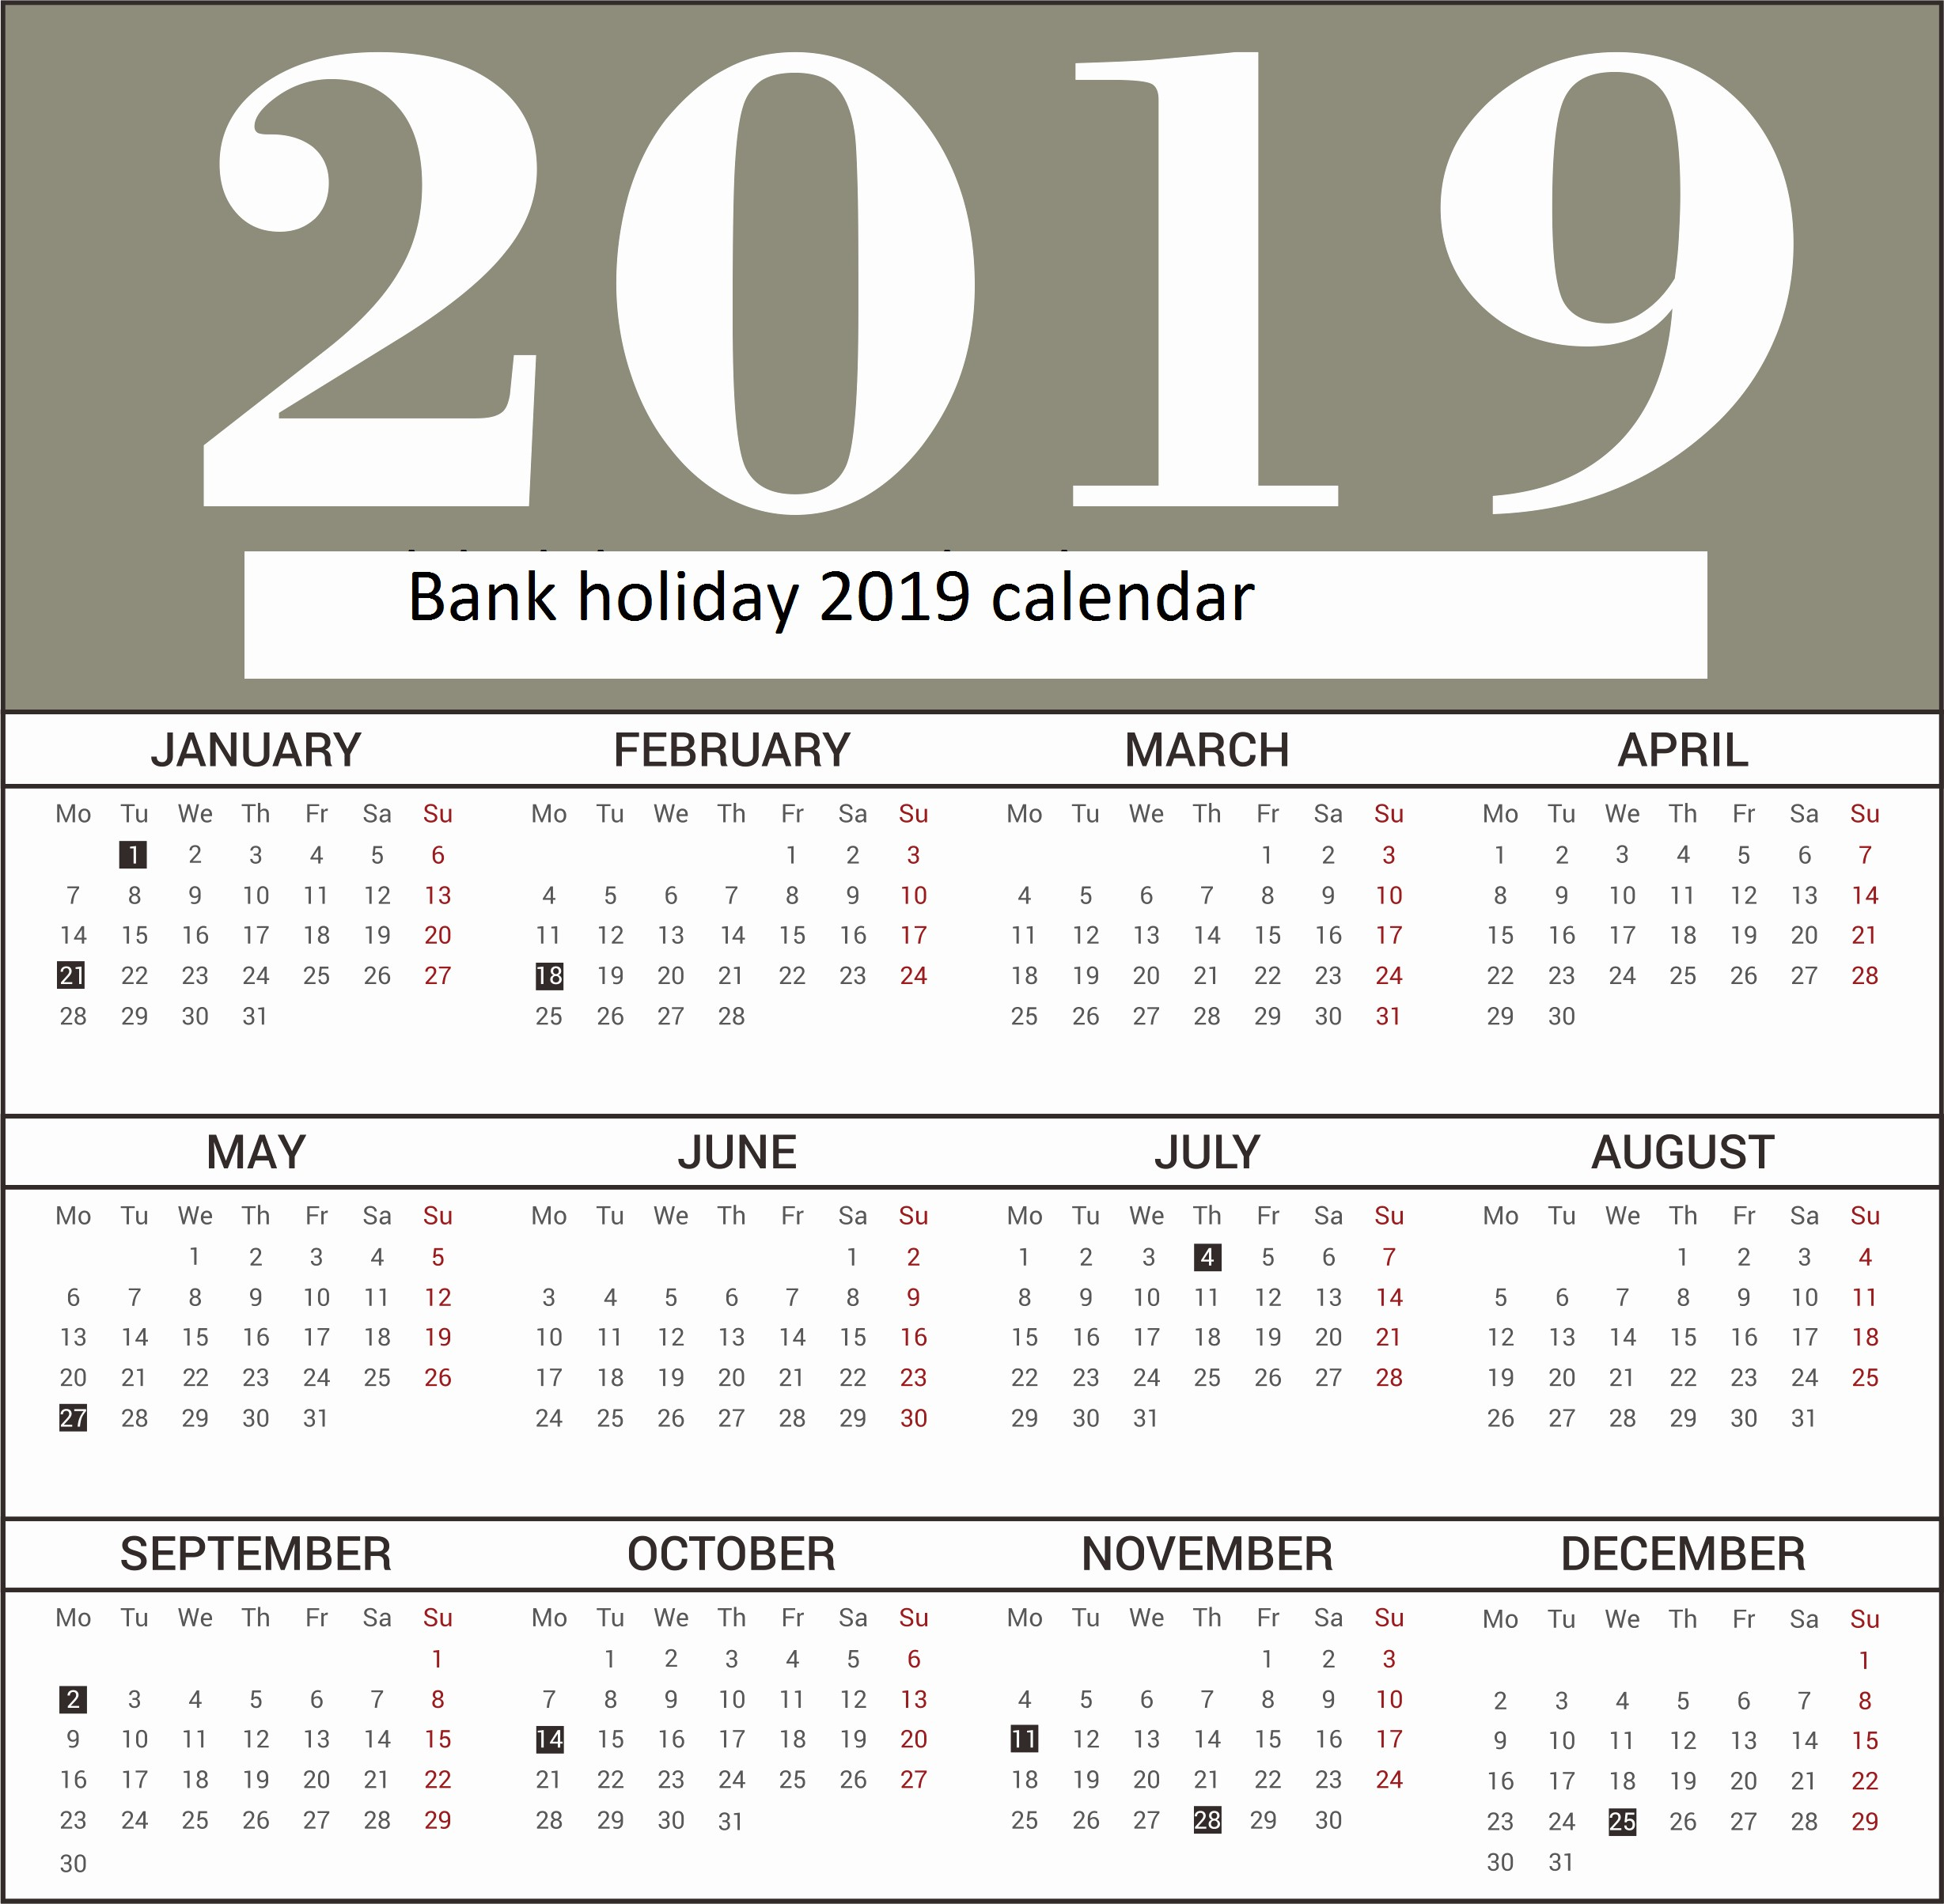 uk bank holiday019 uk bank holiday019 free yearly bank holidays calendar 2019 in uk template